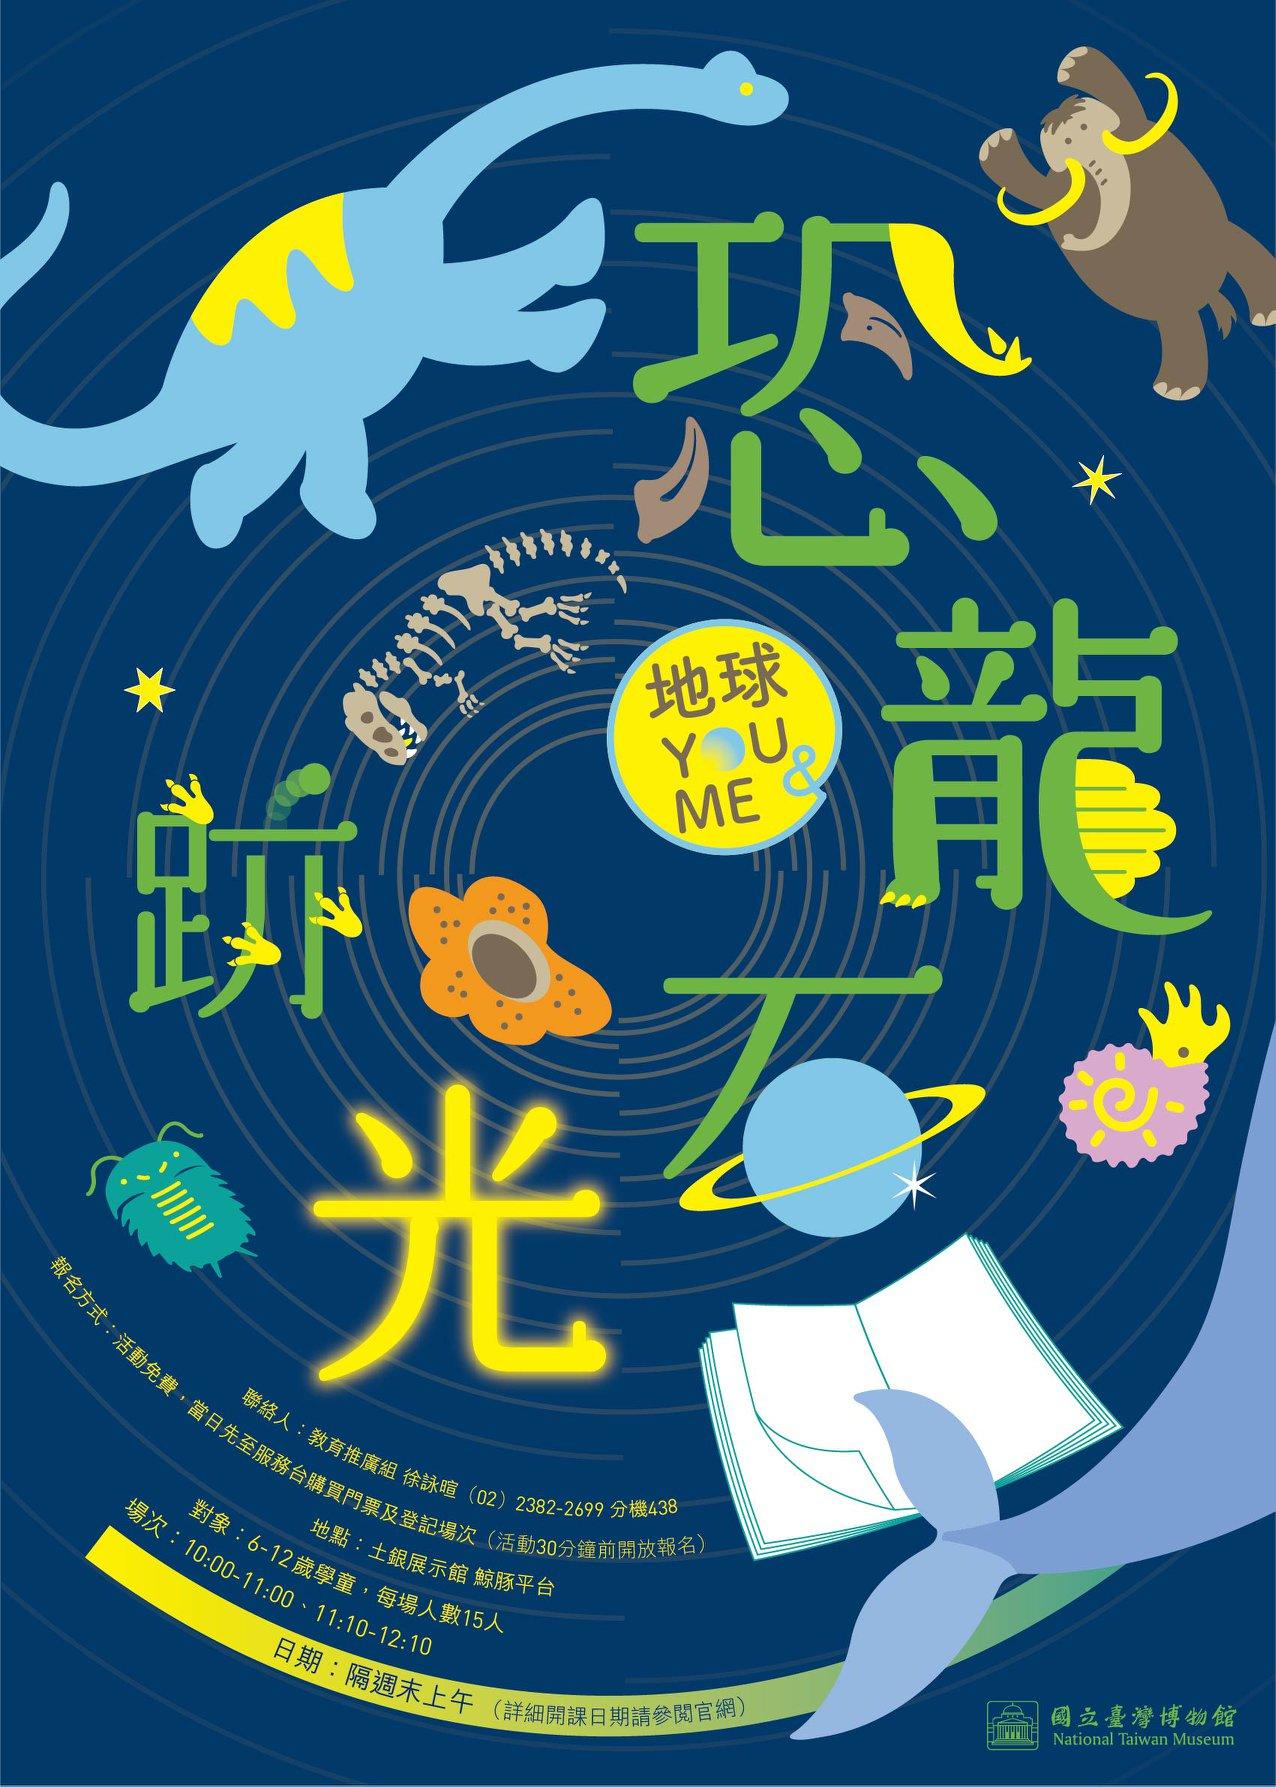 【地球you & me】恐龍石光跡